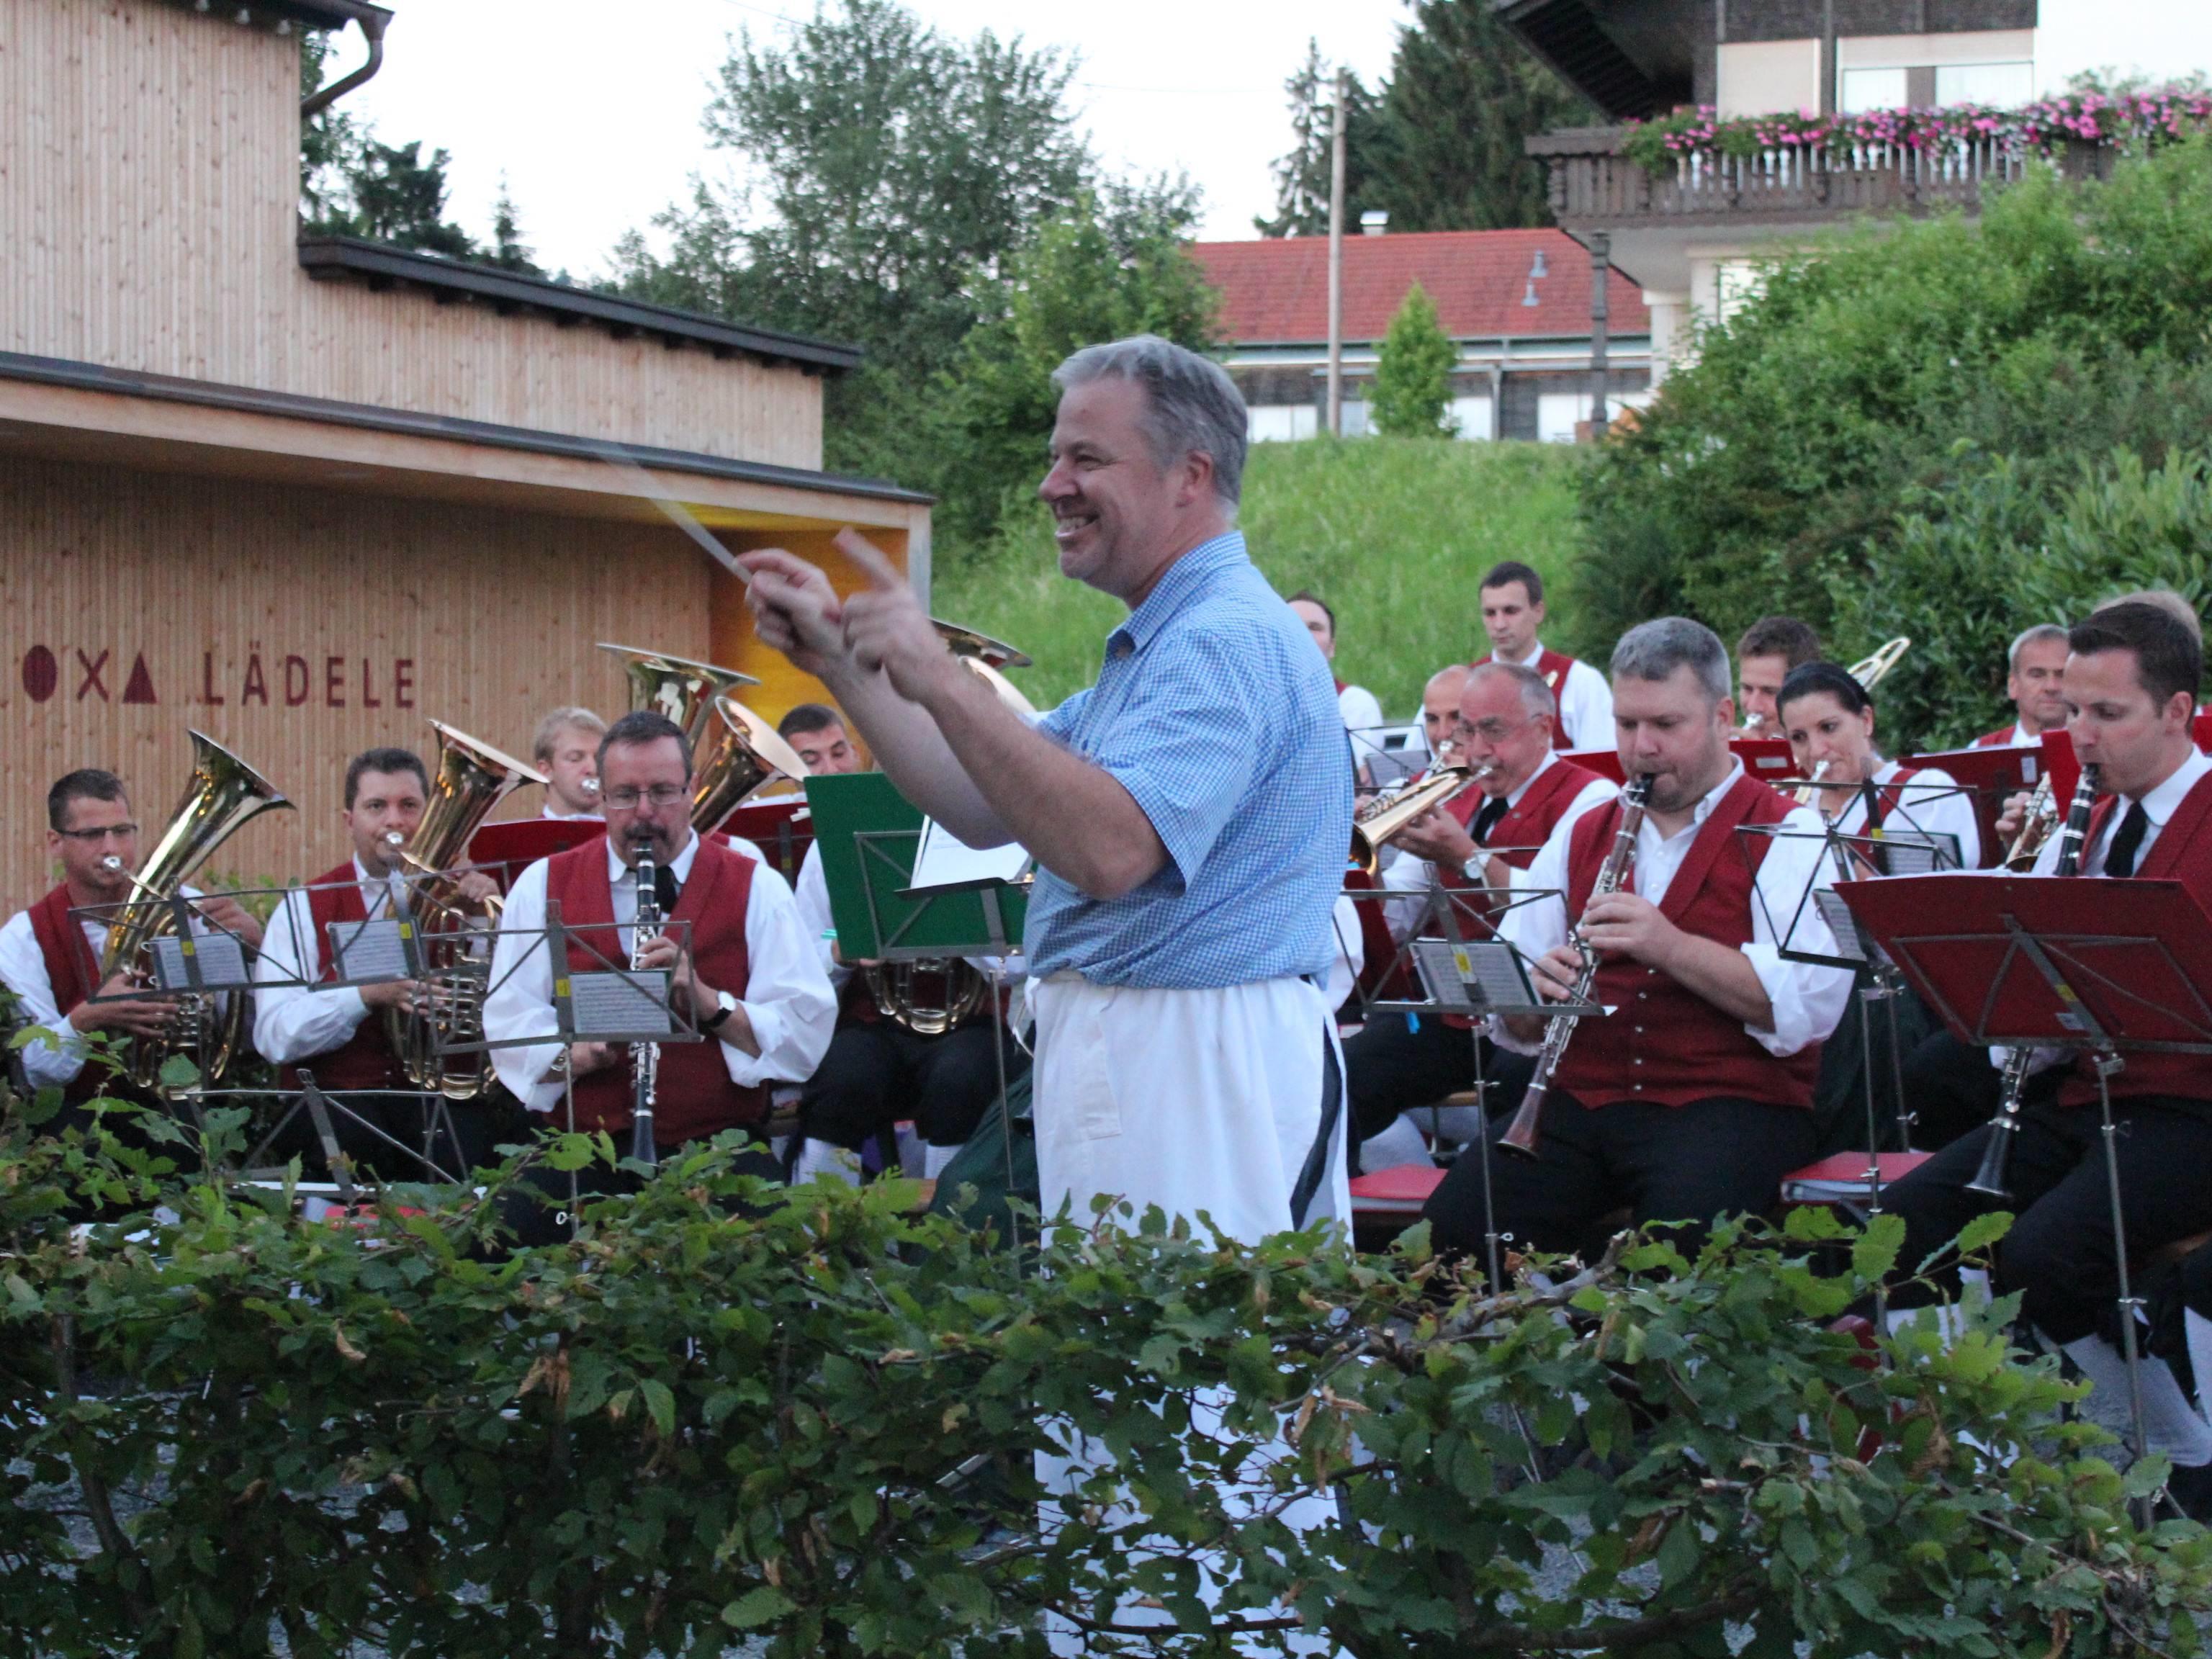 Auch Ochsen-Wirt Hanspeter Tauber dirigierte einen Marsch beim Platzkonzert.